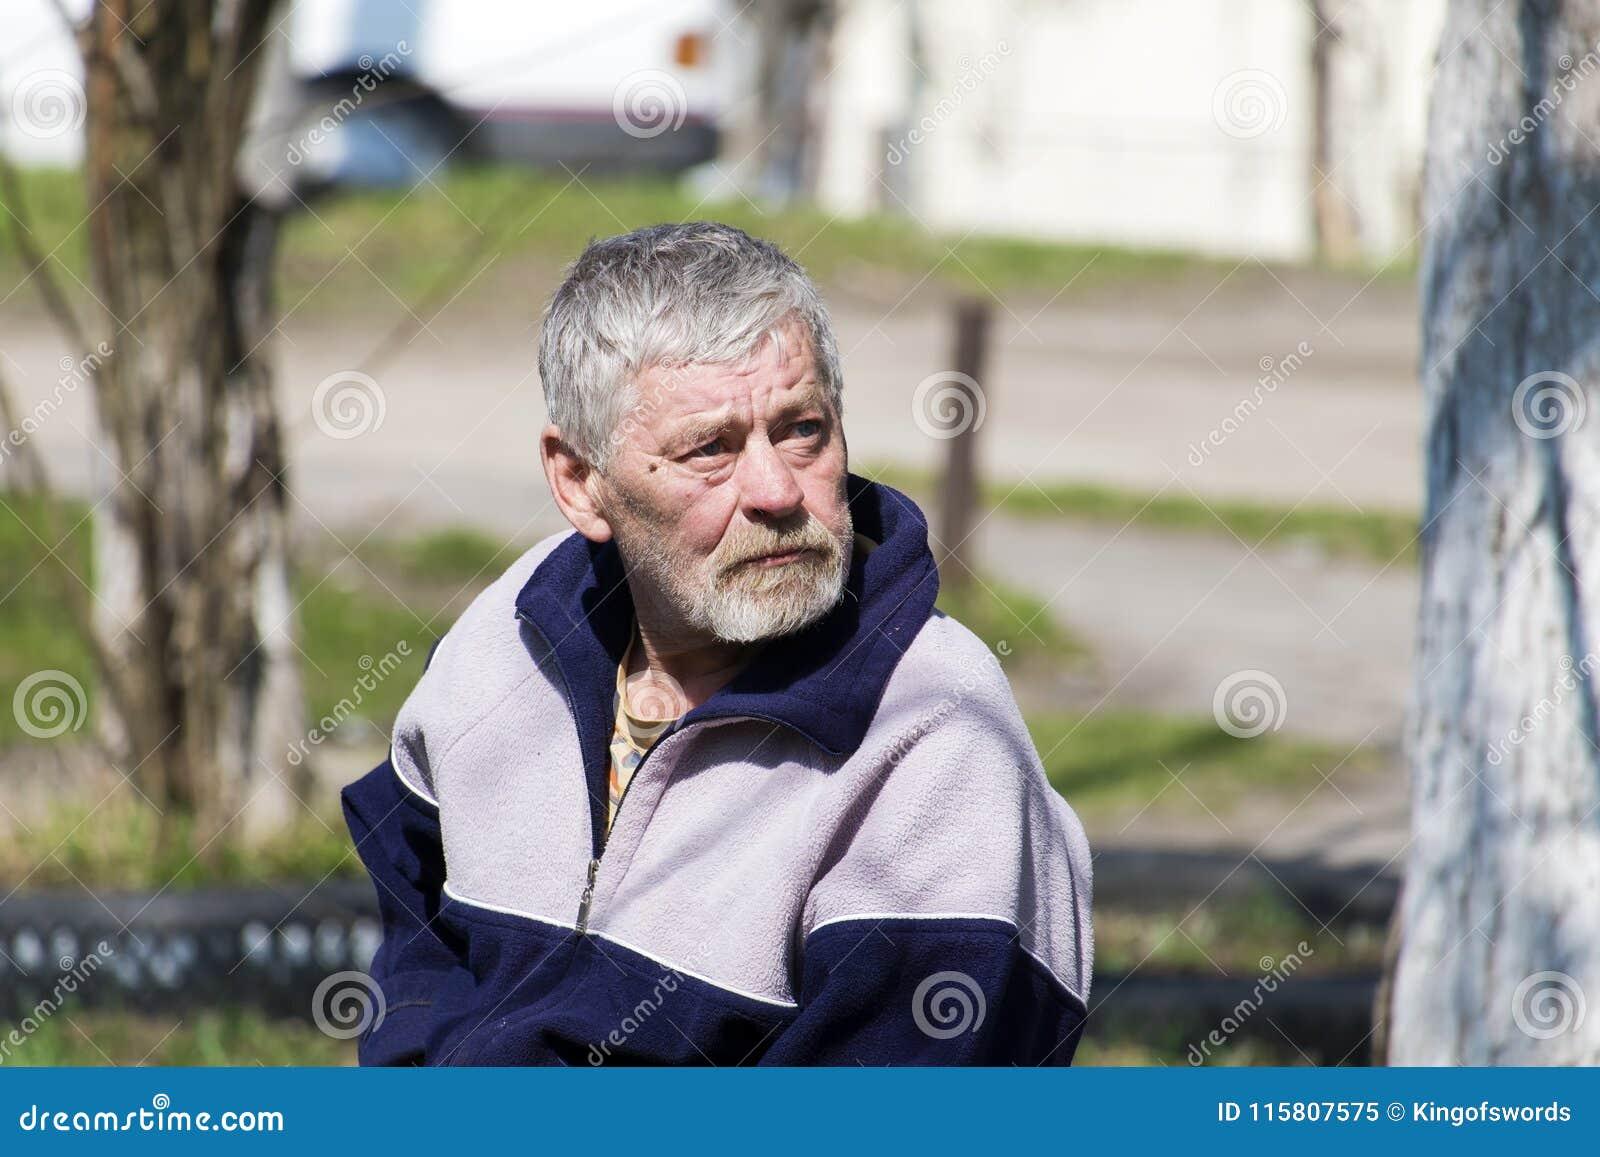 Älterer bärtiger Mann mit Traurigkeit in seinen Augen schaut oben